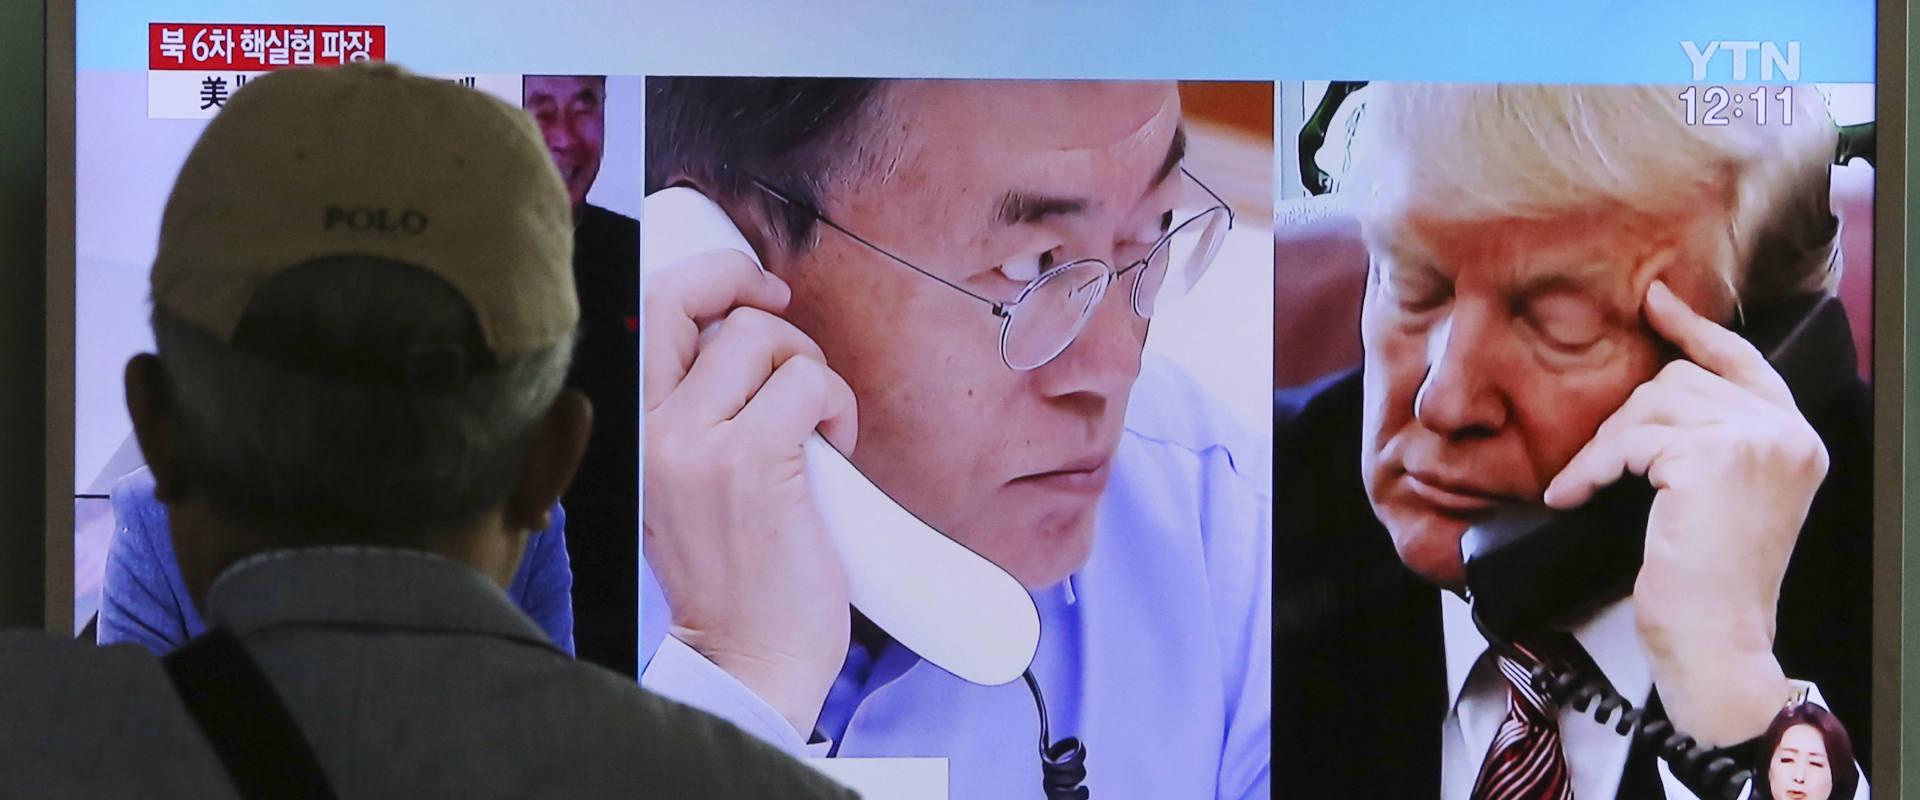 """אדם בסיאול צופה בשידור בו נראים נשיאי ארה""""ב וקוריא"""